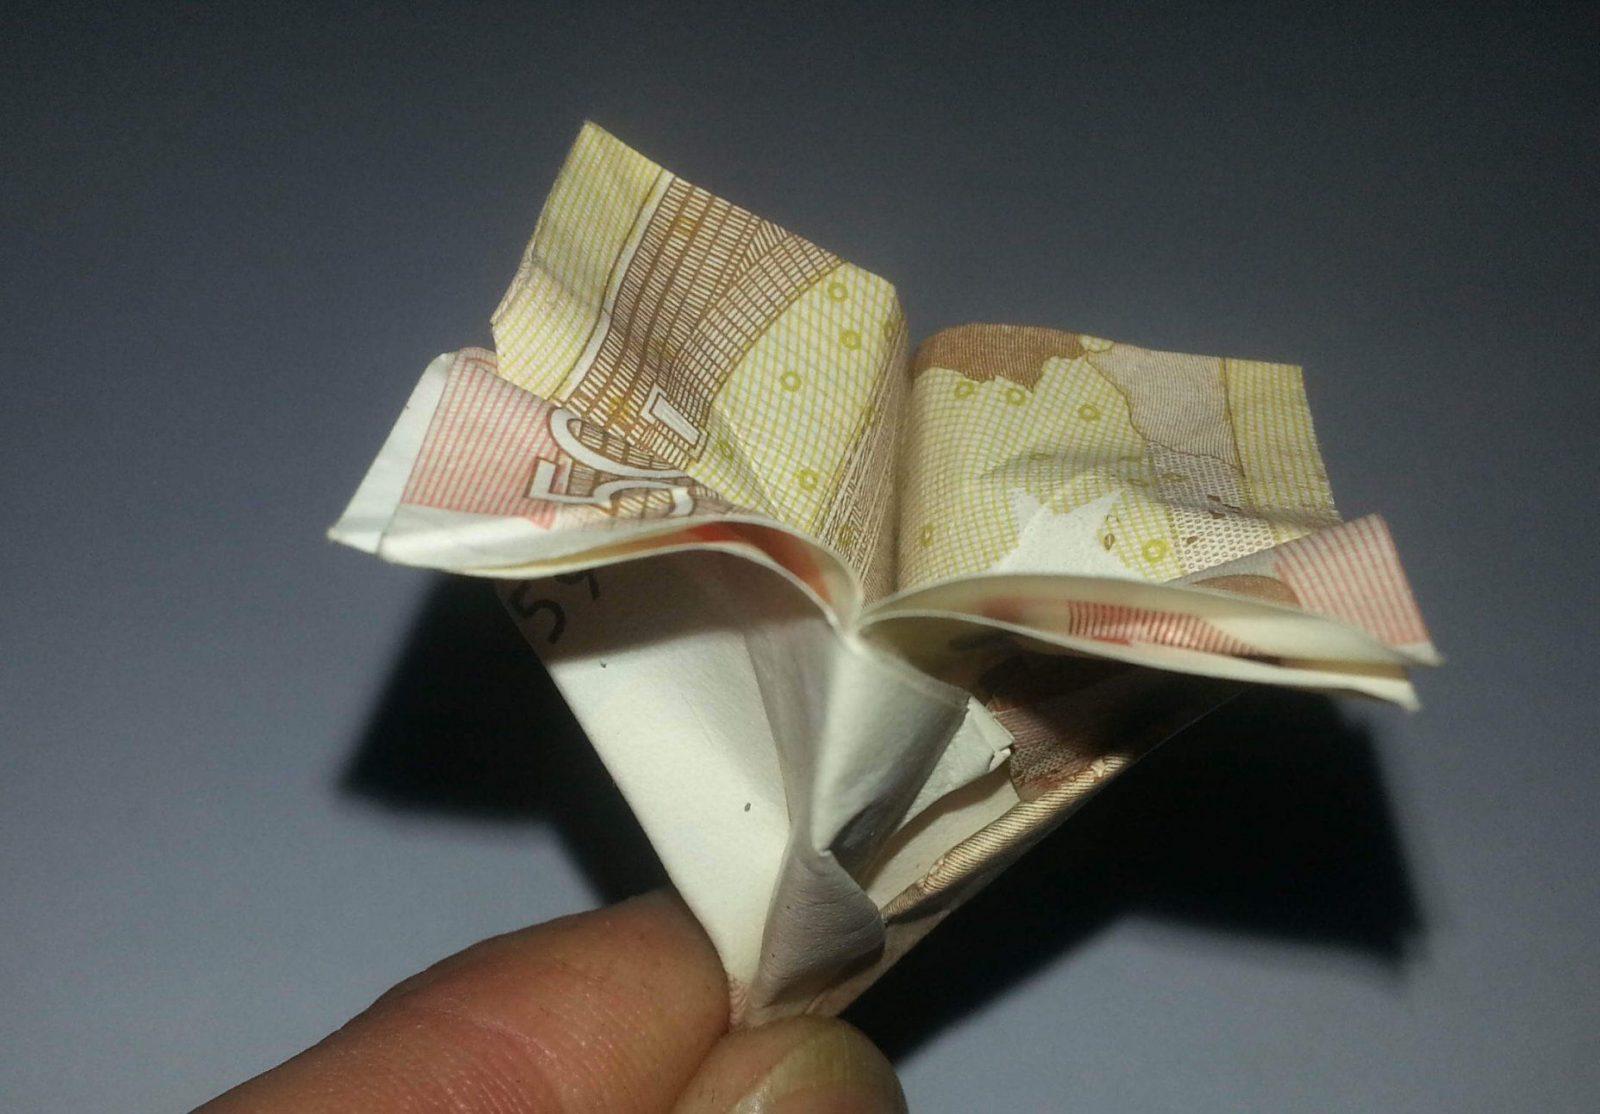 Blume Aus Einem Geldschein Falten  Origami Mit Geldscheinen von Blumen Basteln Aus Geld Photo